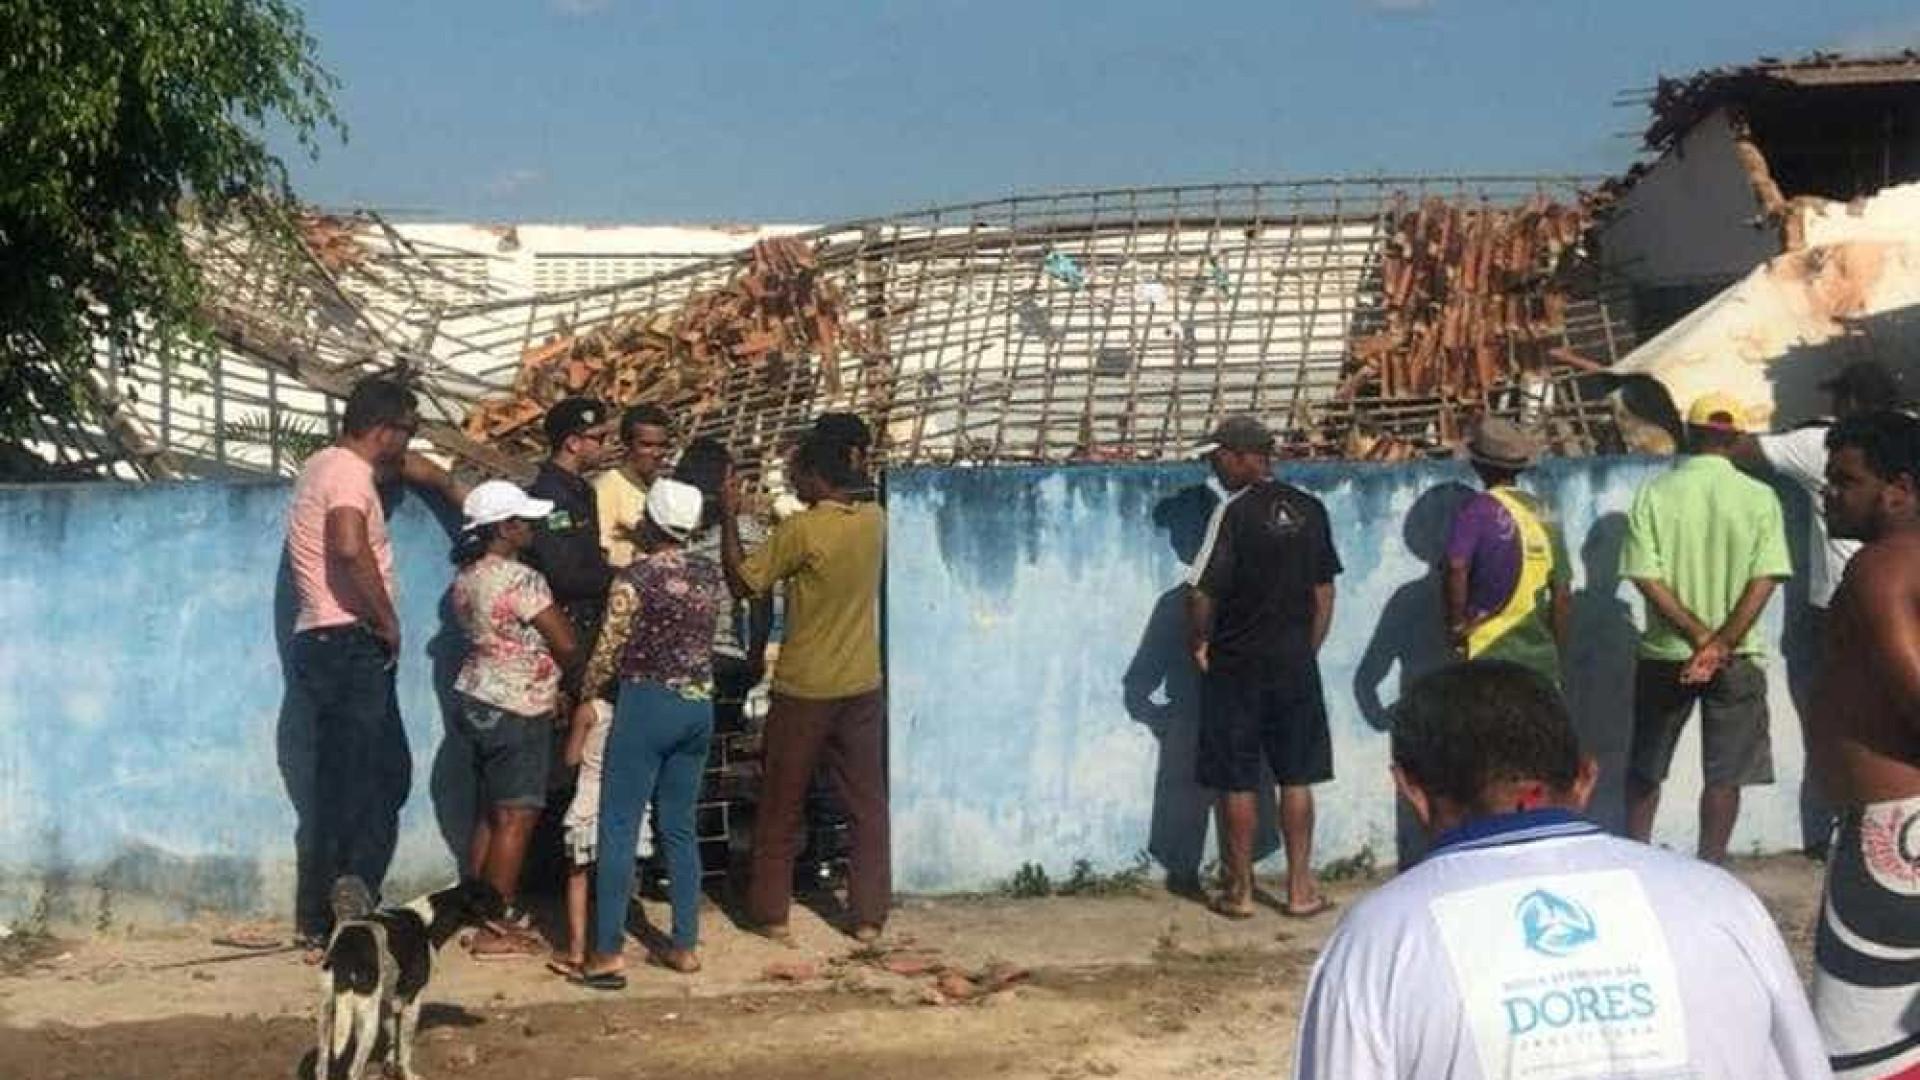 Caixa d'água desaba sobre escola e mata três crianças em Sergipe